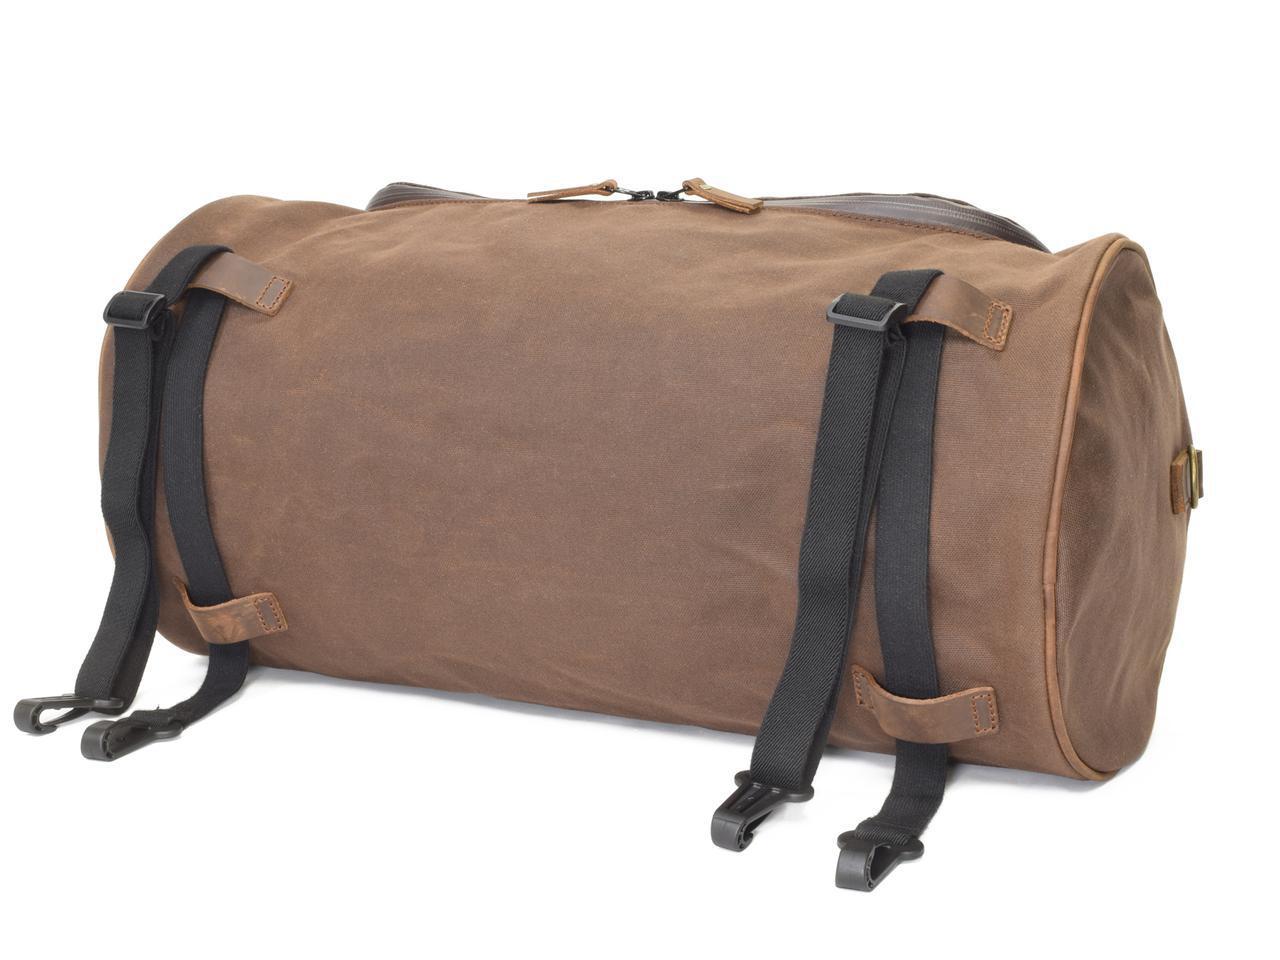 画像: バッグ上部(写真上)と底面(写真下)に用意されたベルトループにより、積載の際にバッグをしっかりと固定できます。伸縮性のあるエラスティックコードが2本付属。